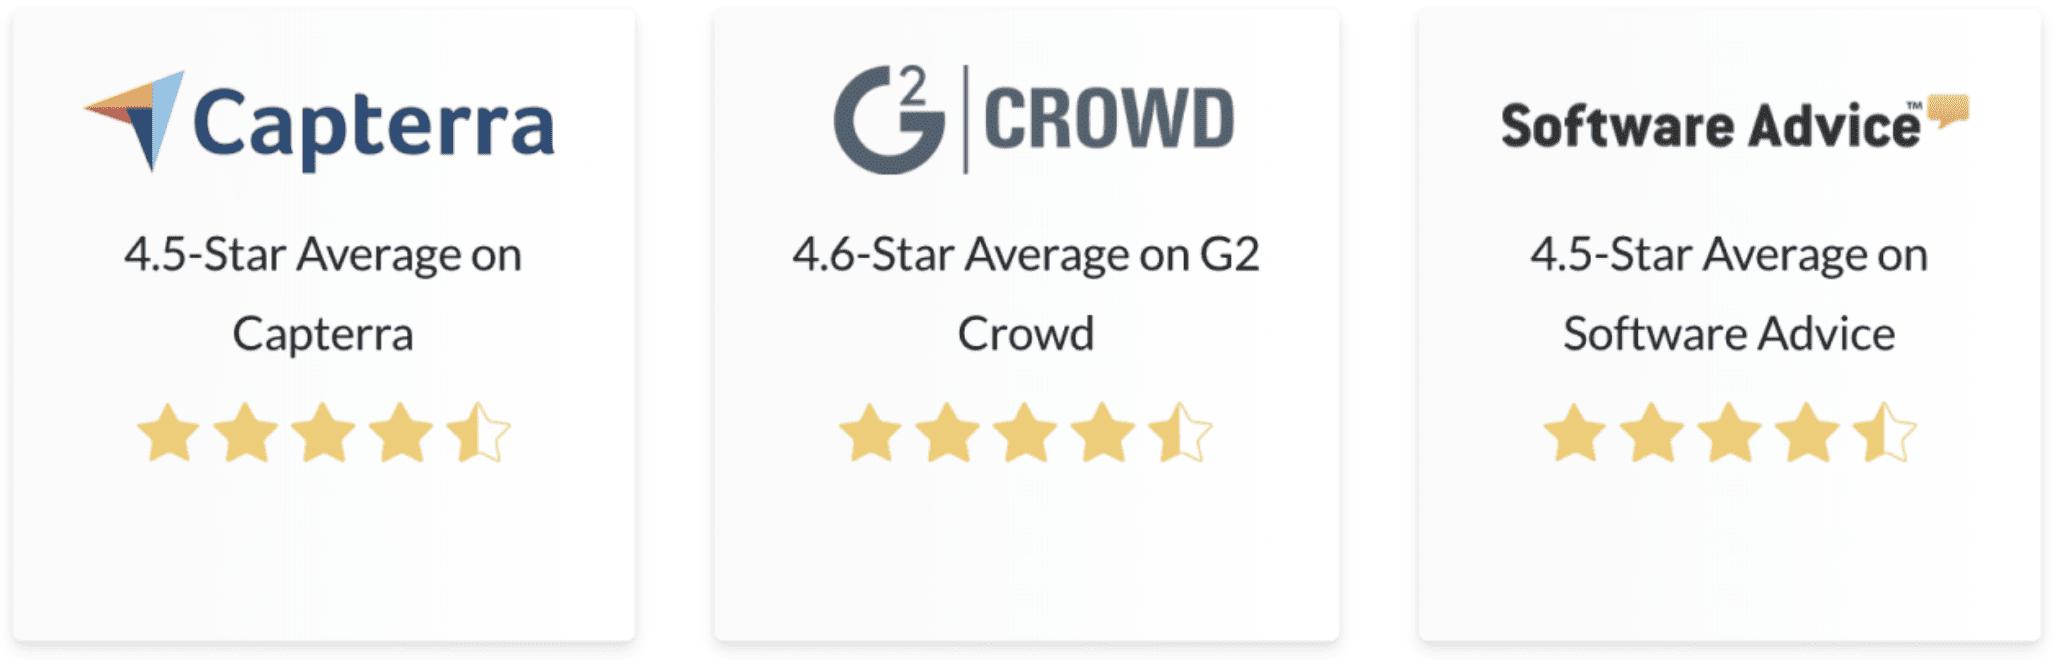 Star ratings reviews